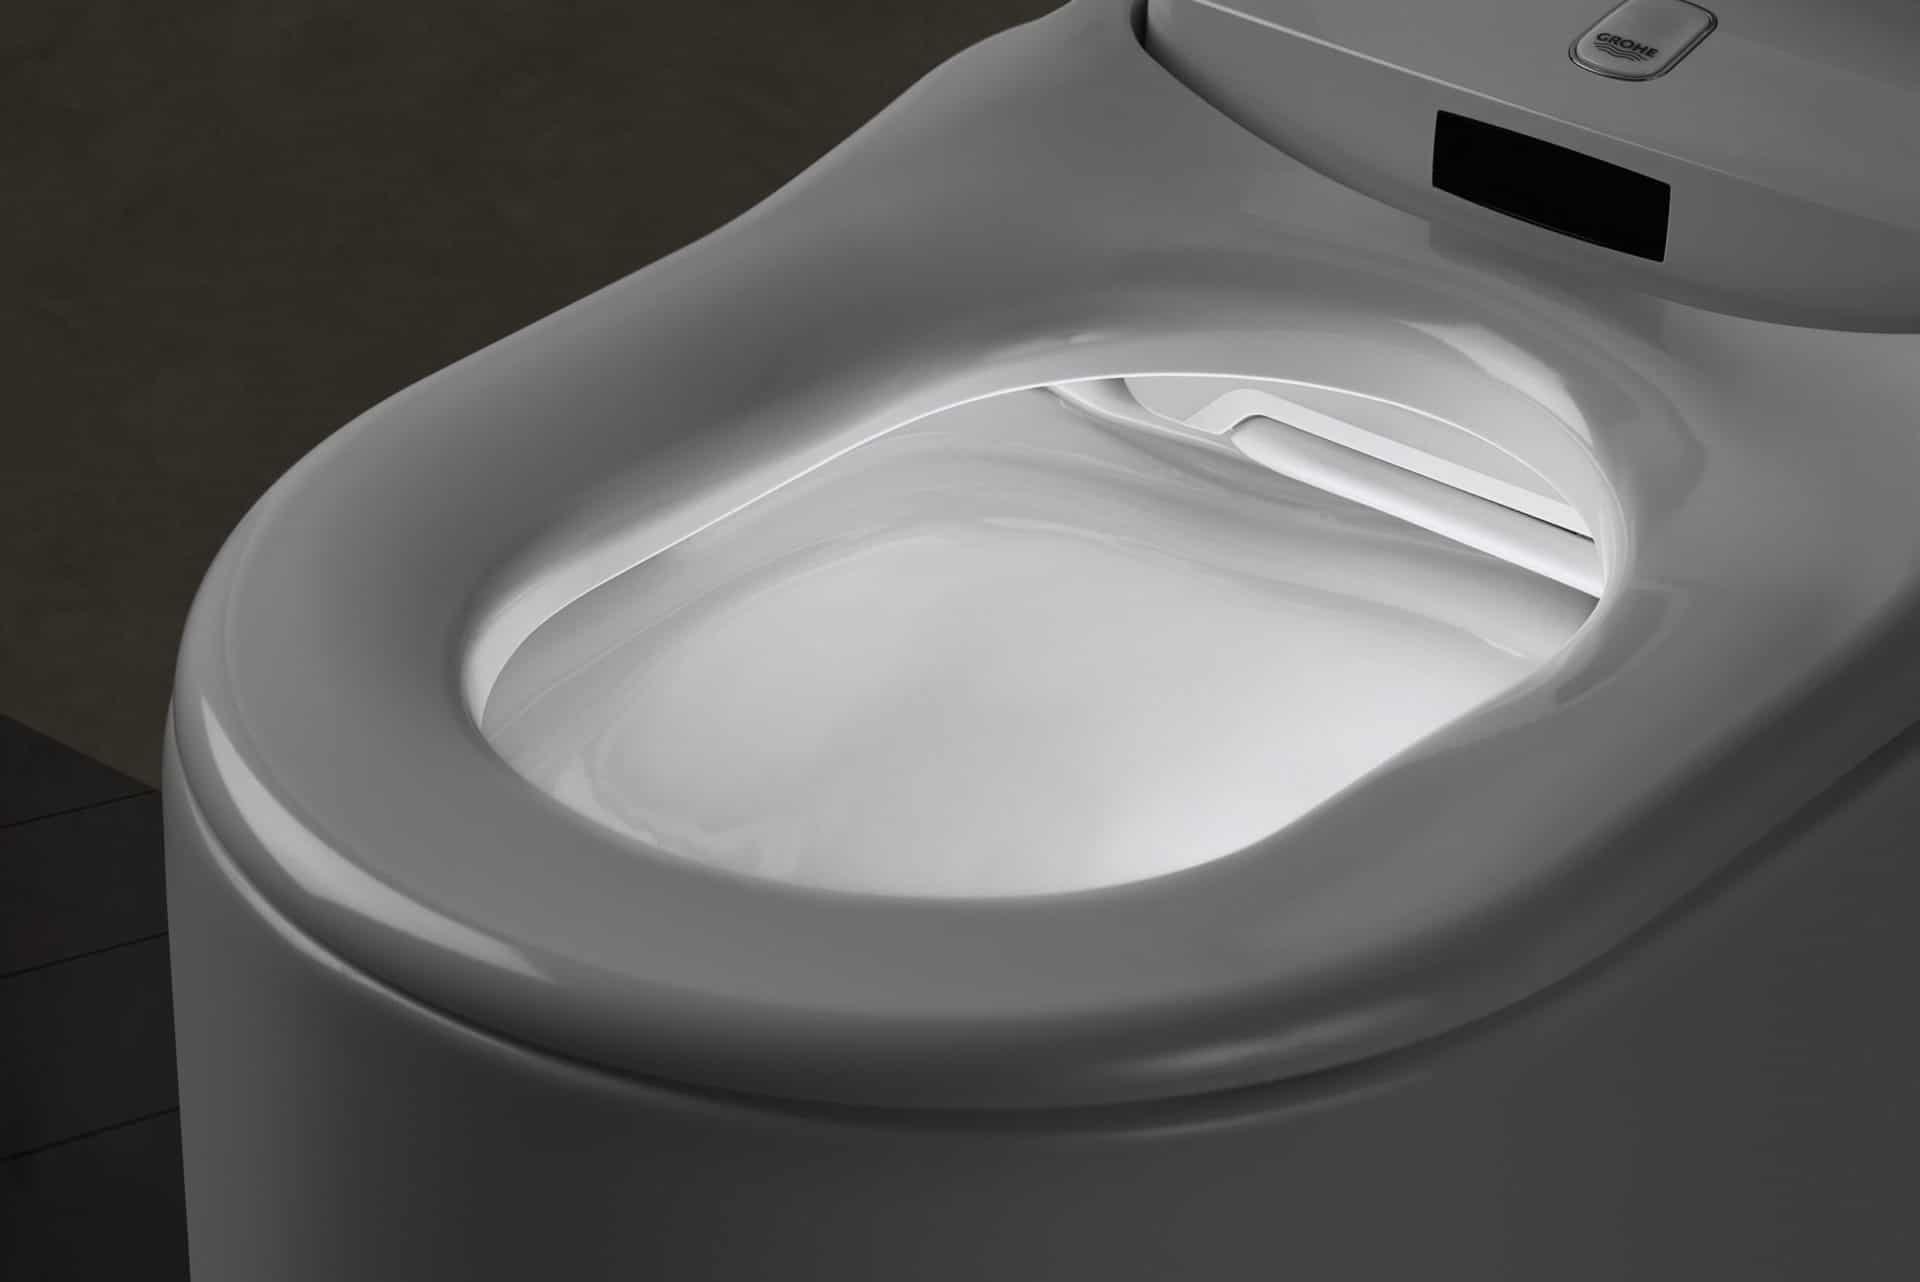 Le WC Lavant de Grohe : Sensia Arena. Innovation intégrée au Concept YRYS.